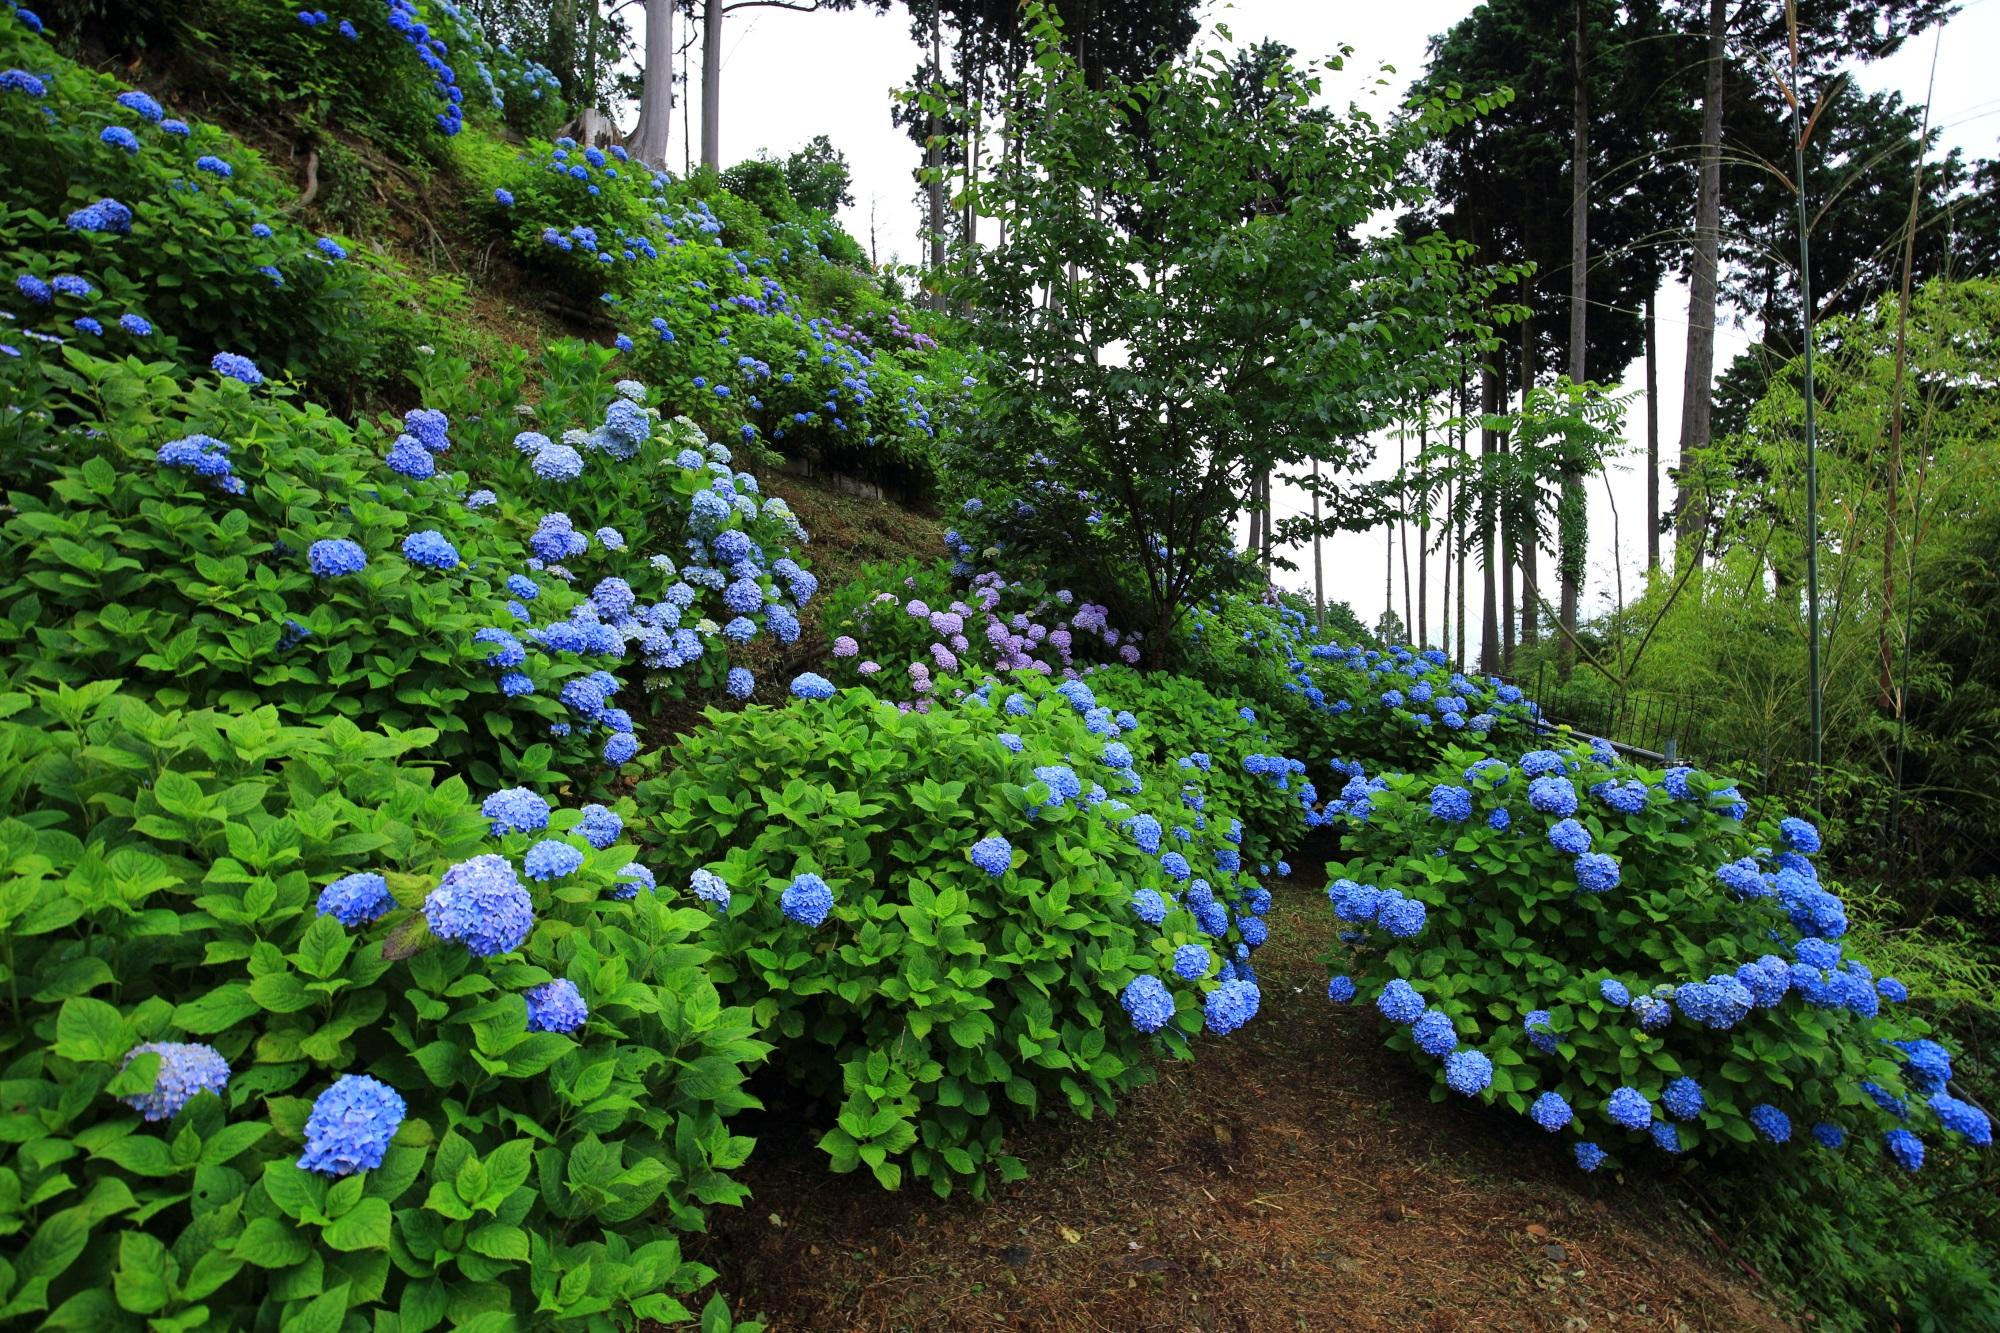 善峯寺の咲き誇る鮮やかなブルーの紫陽花